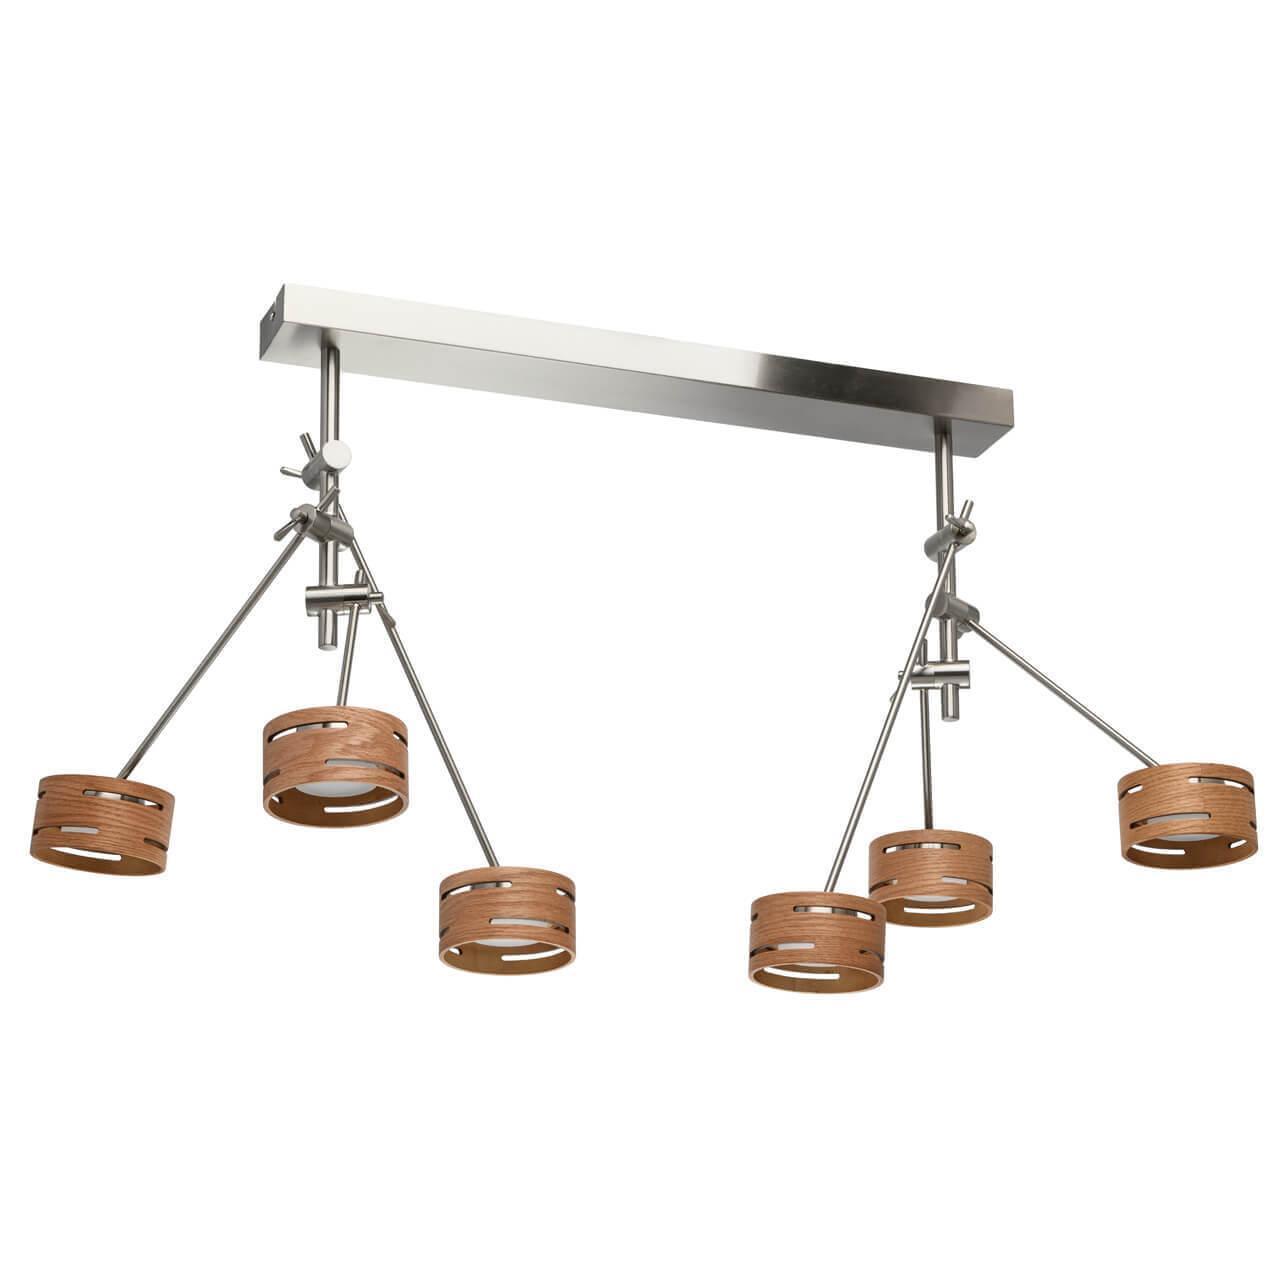 Подвесной светильник De Markt 725010306, LED, 5 Вт подвесная люстра de markt изабелла 35 351018510